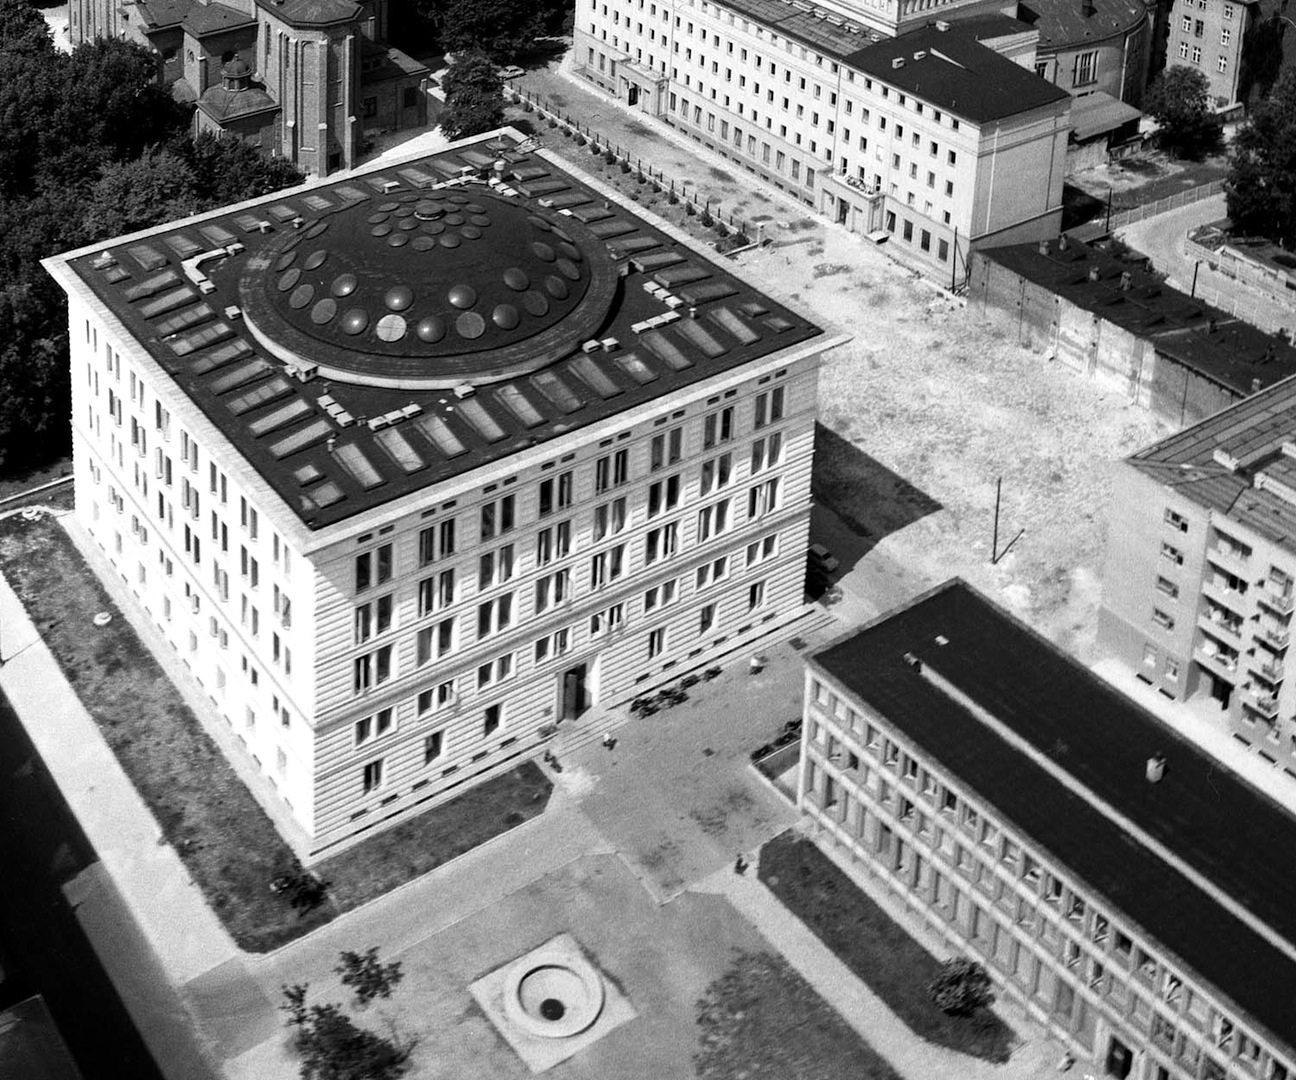 Der Sitz des Regierungspräsidiums. Wspólnastraße 62, Warschau. Entworfen von Marek Leykam, erbaut 1952